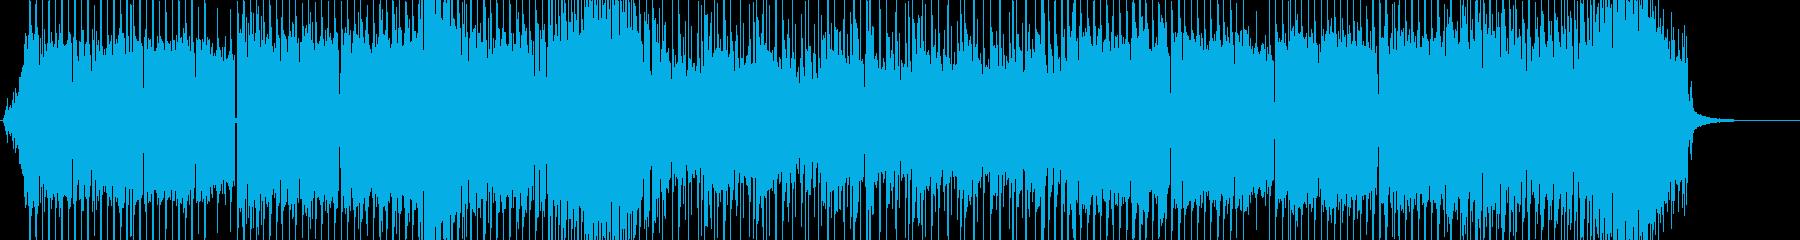 アプリ、エレクトロ、EDM、ゲームの再生済みの波形